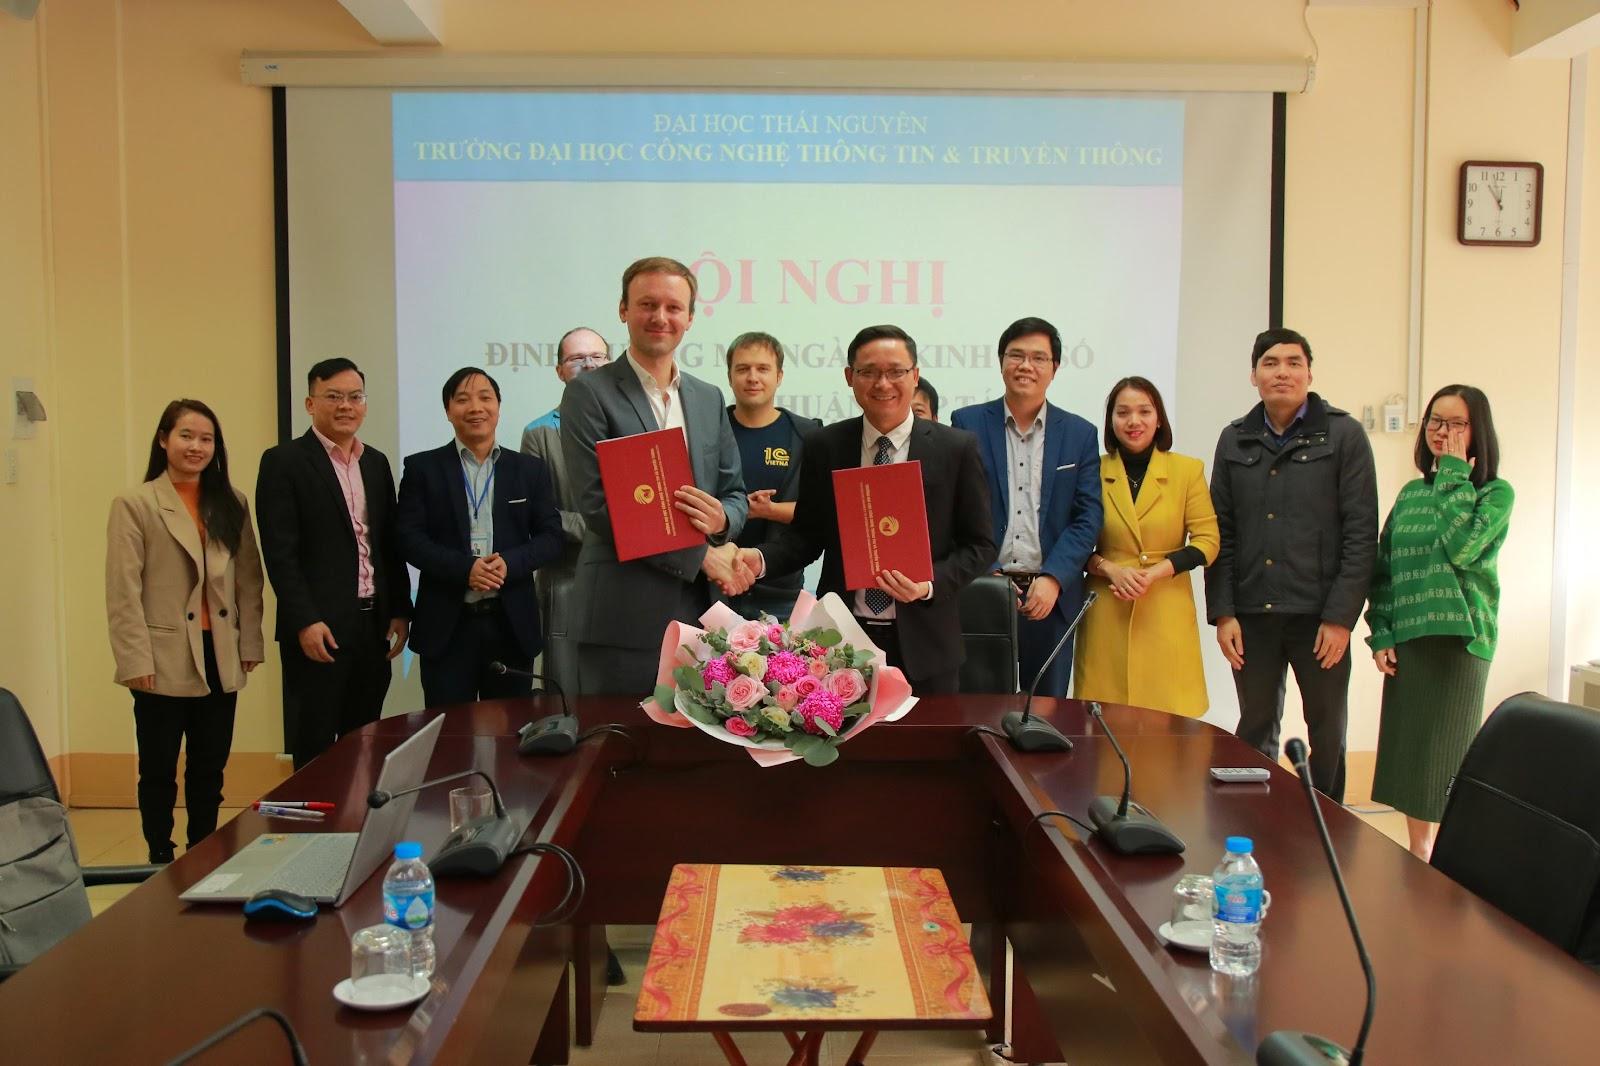 Lãnh đạo nhà trường và công ty 1C đã tiến hành thỏa thuận hợp tác